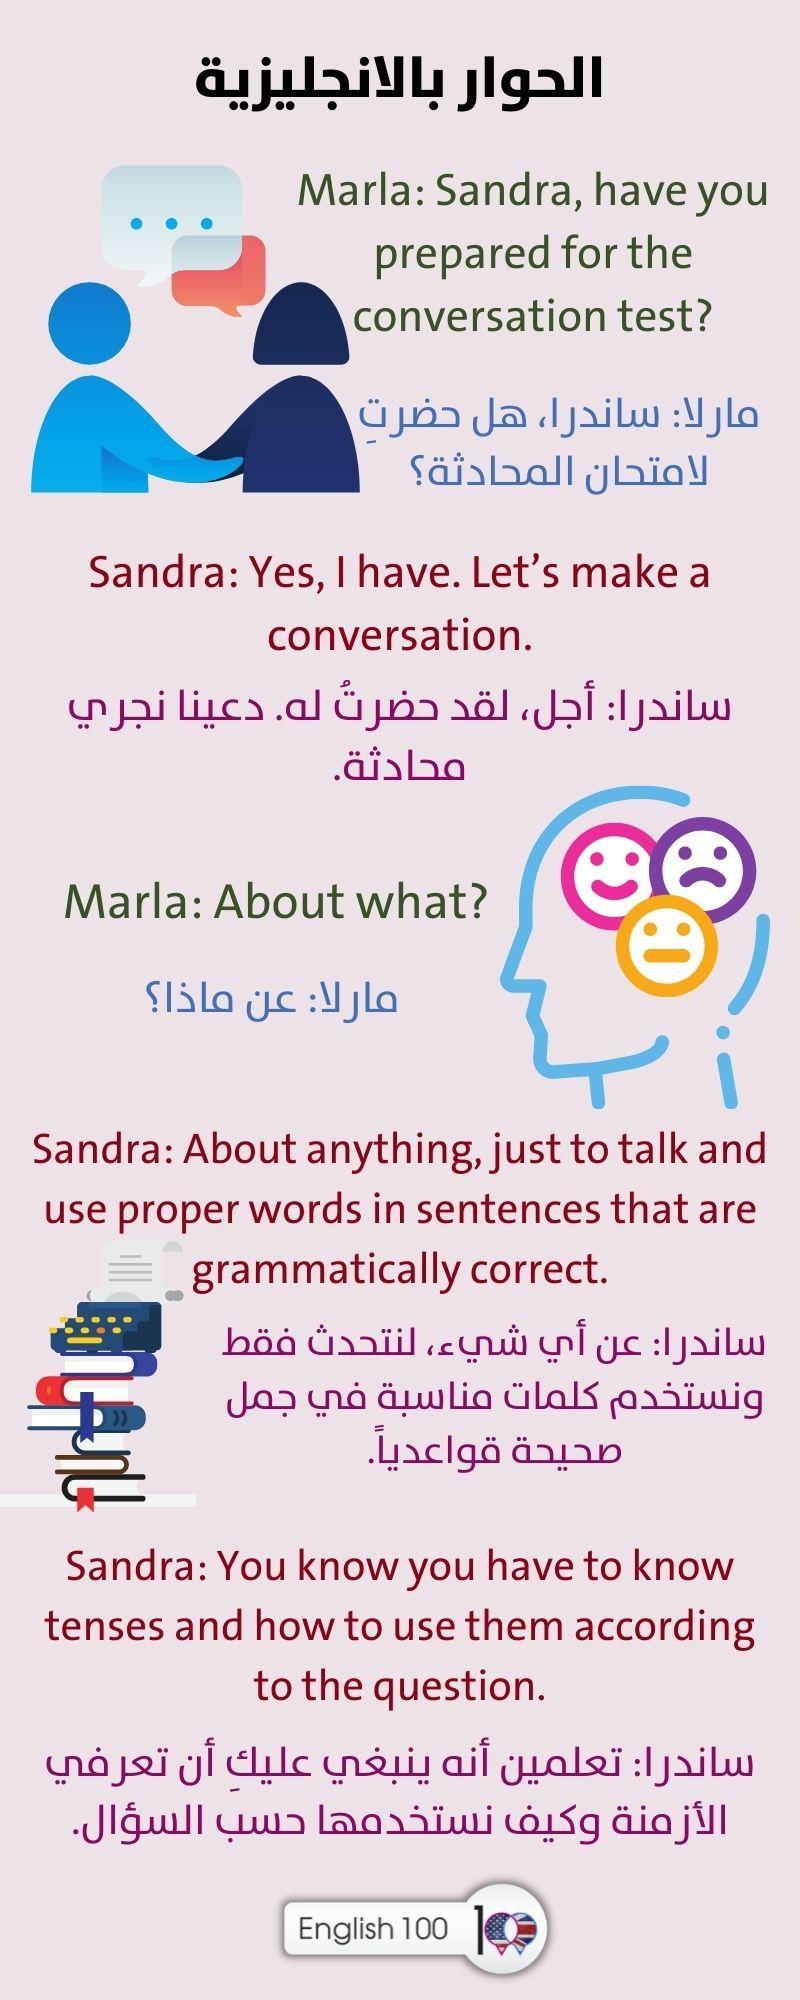 الحوار بالانجليزية The Dialogue in English